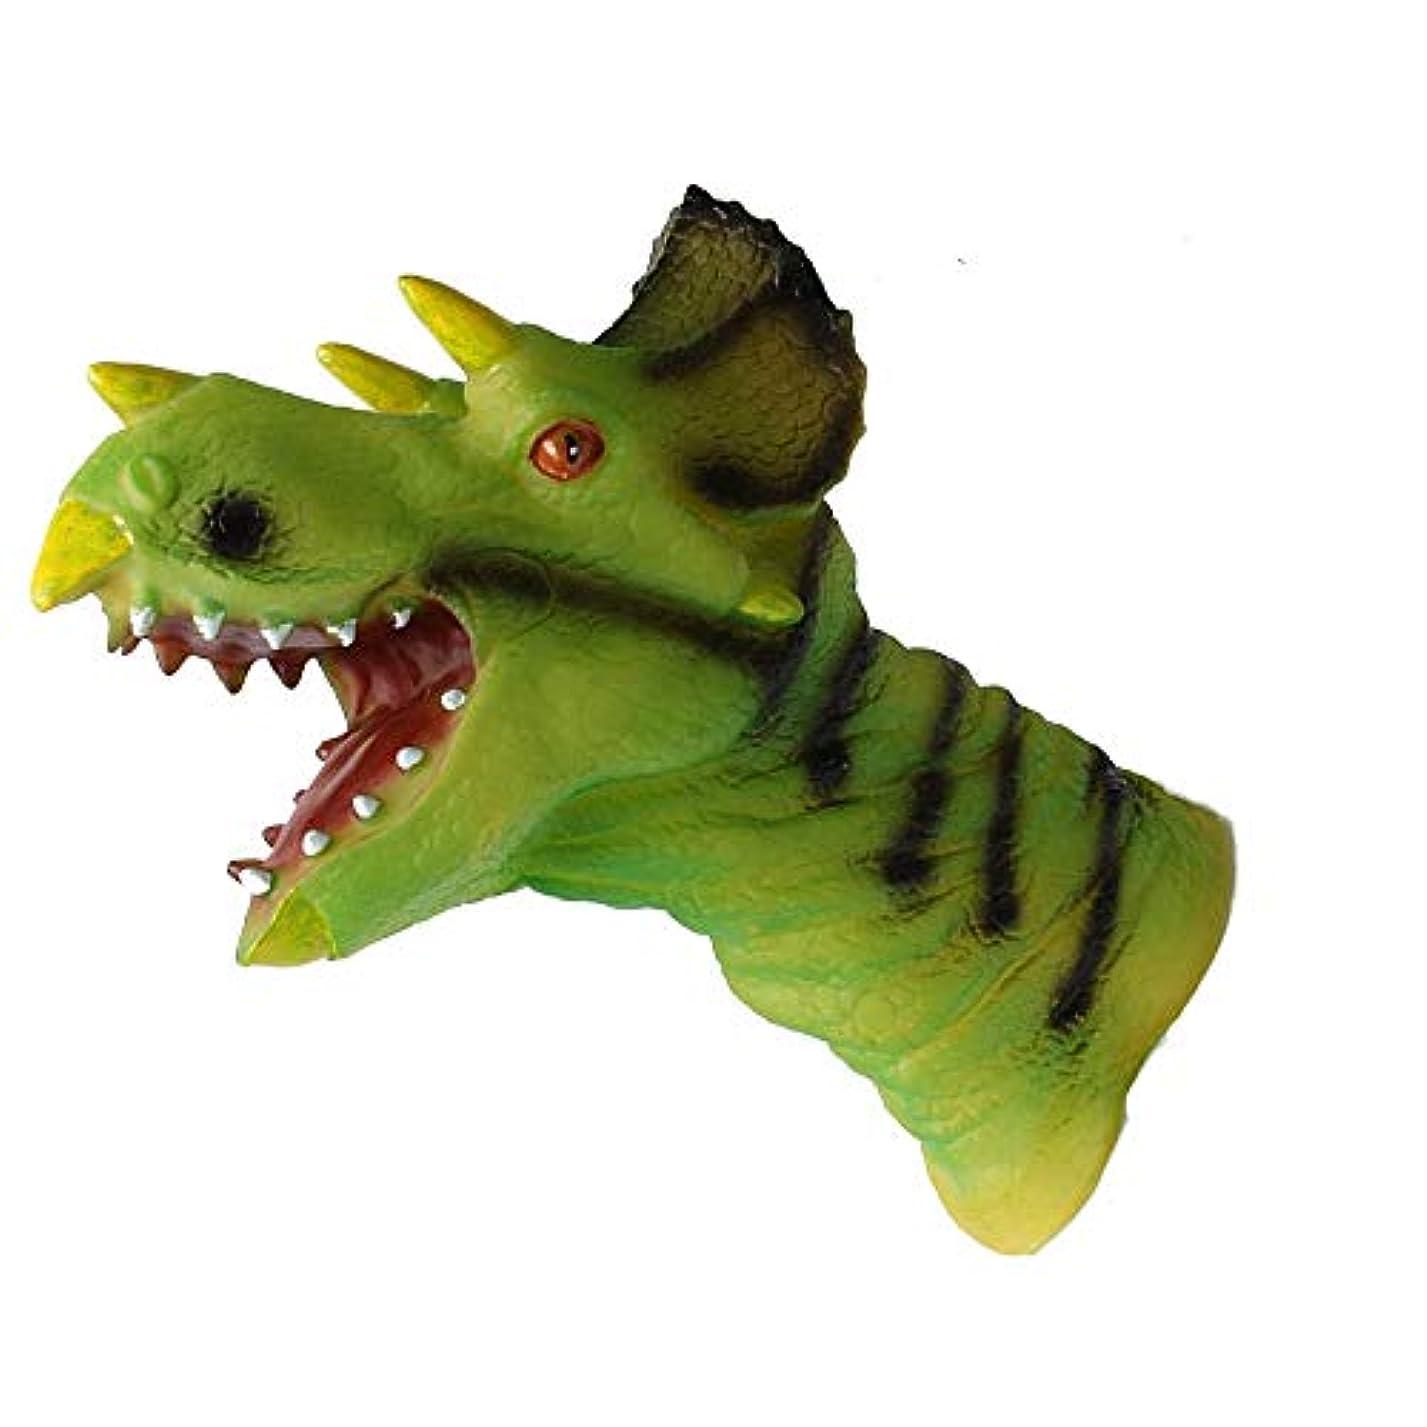 熟練したテメリティマカダムEuone グローブ おもちゃ 動物 ハンドパペット ロールプレイ リアルなグリーン 恐竜 ヘッドグローブ ソフトトイ